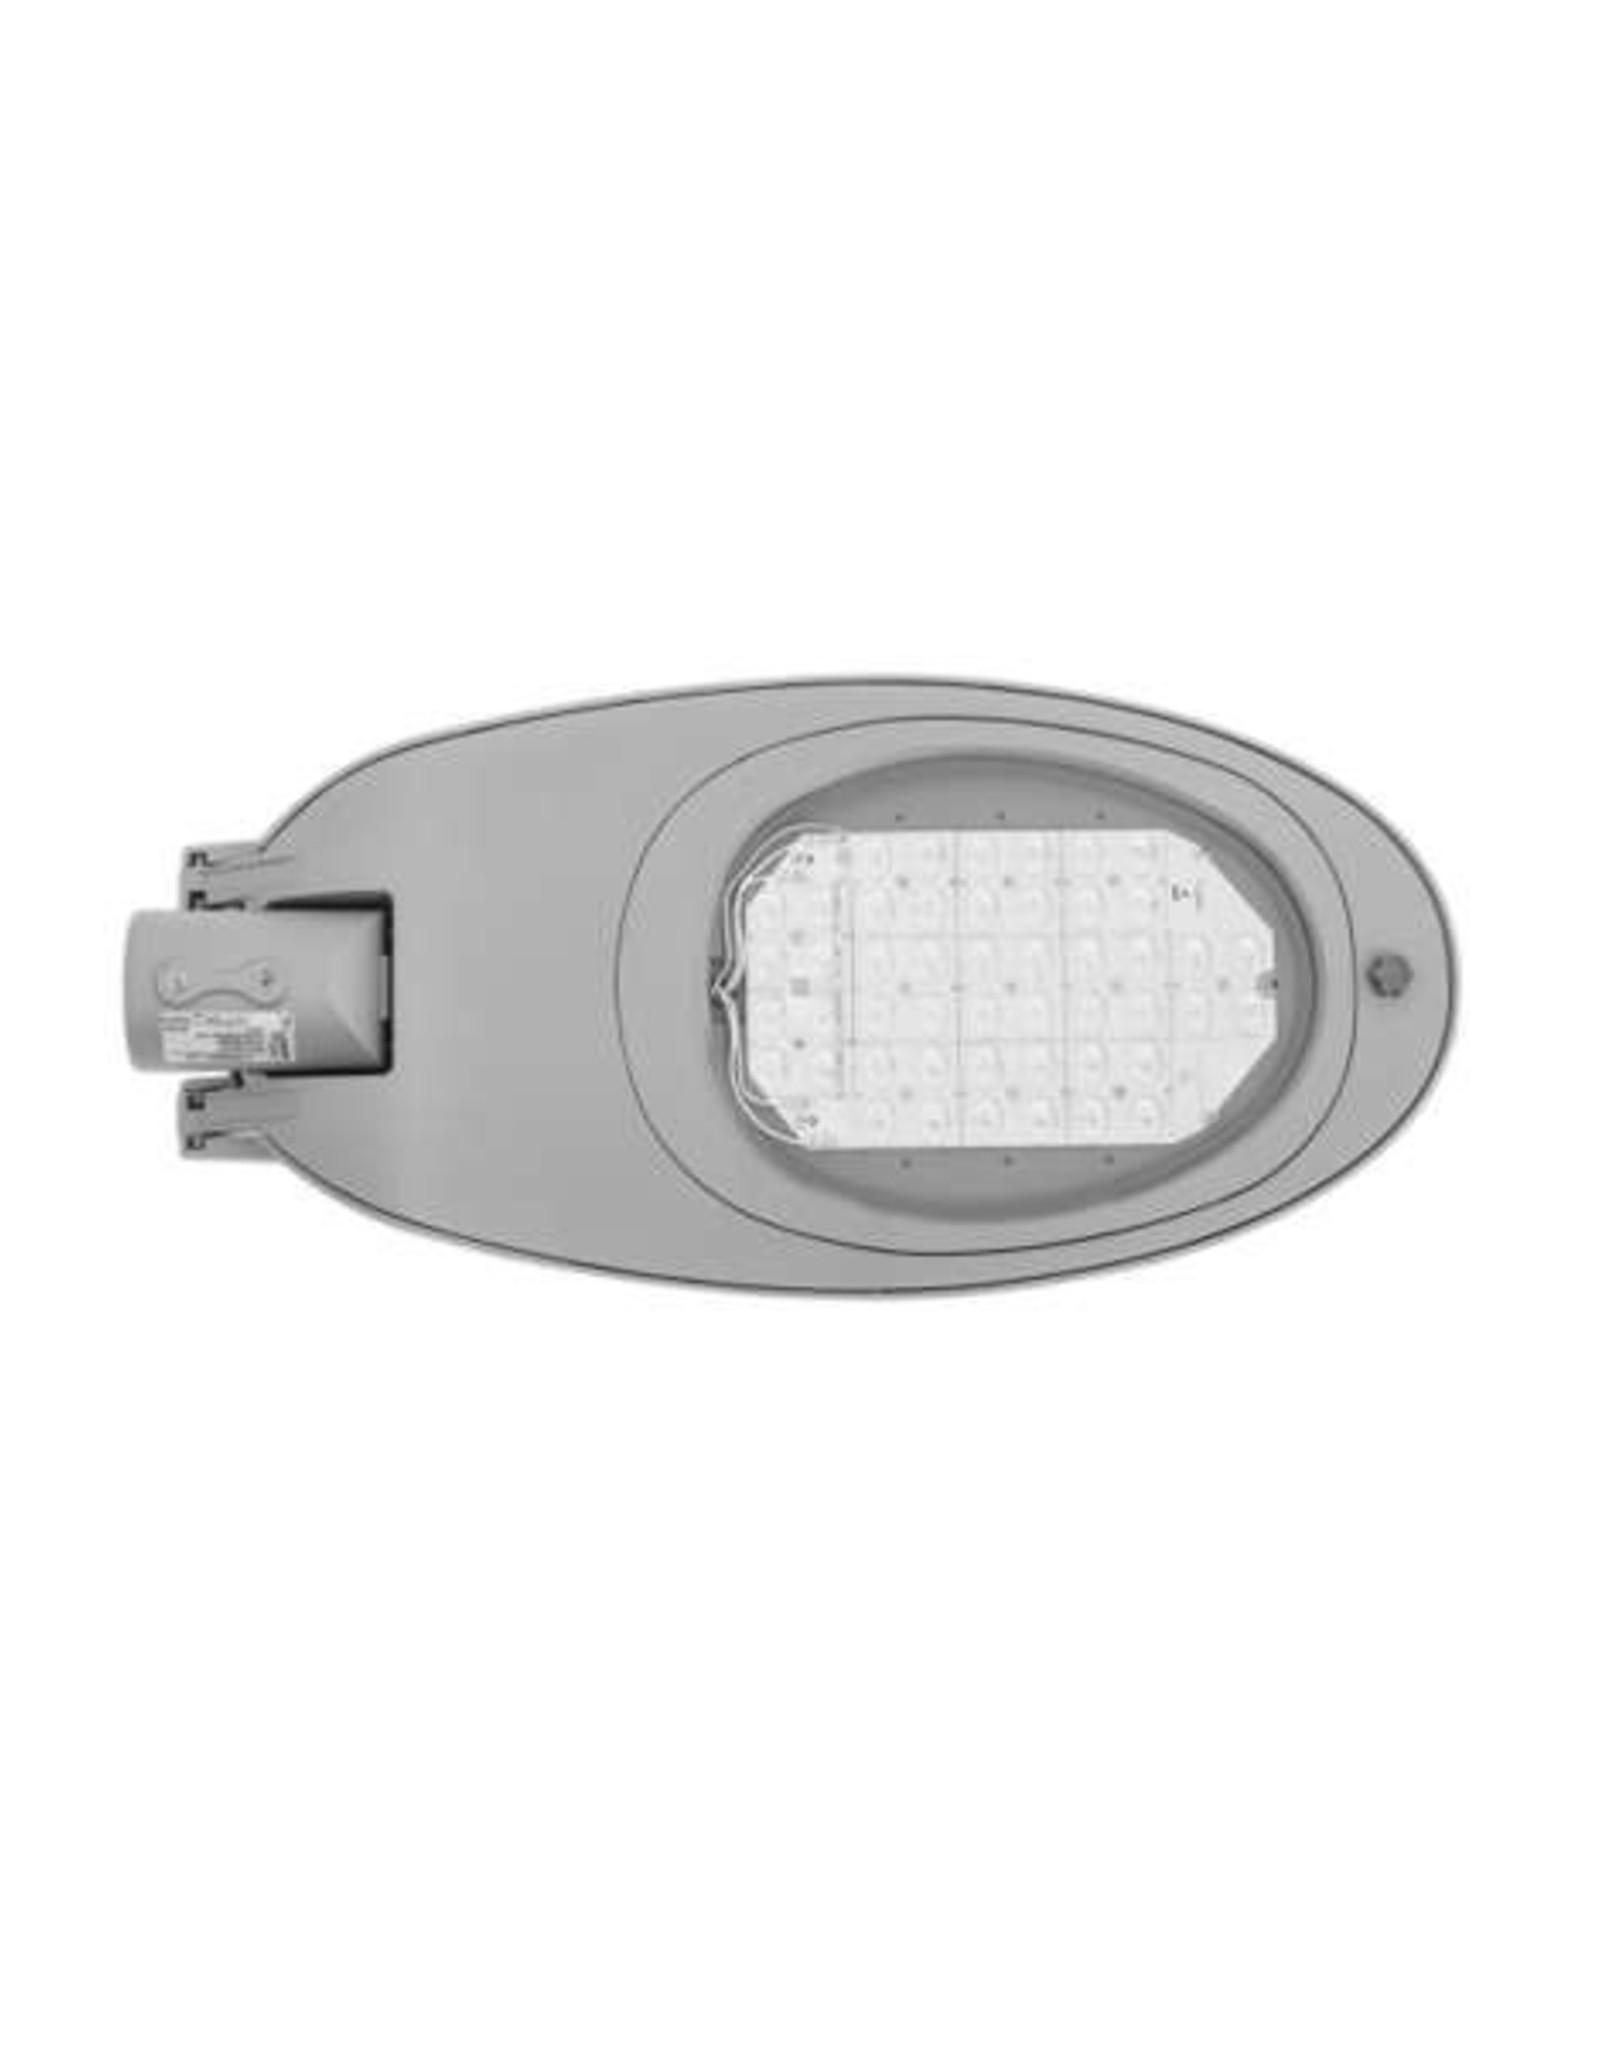 LUXON LED CORDOBA:LED 2.0 BASIC V